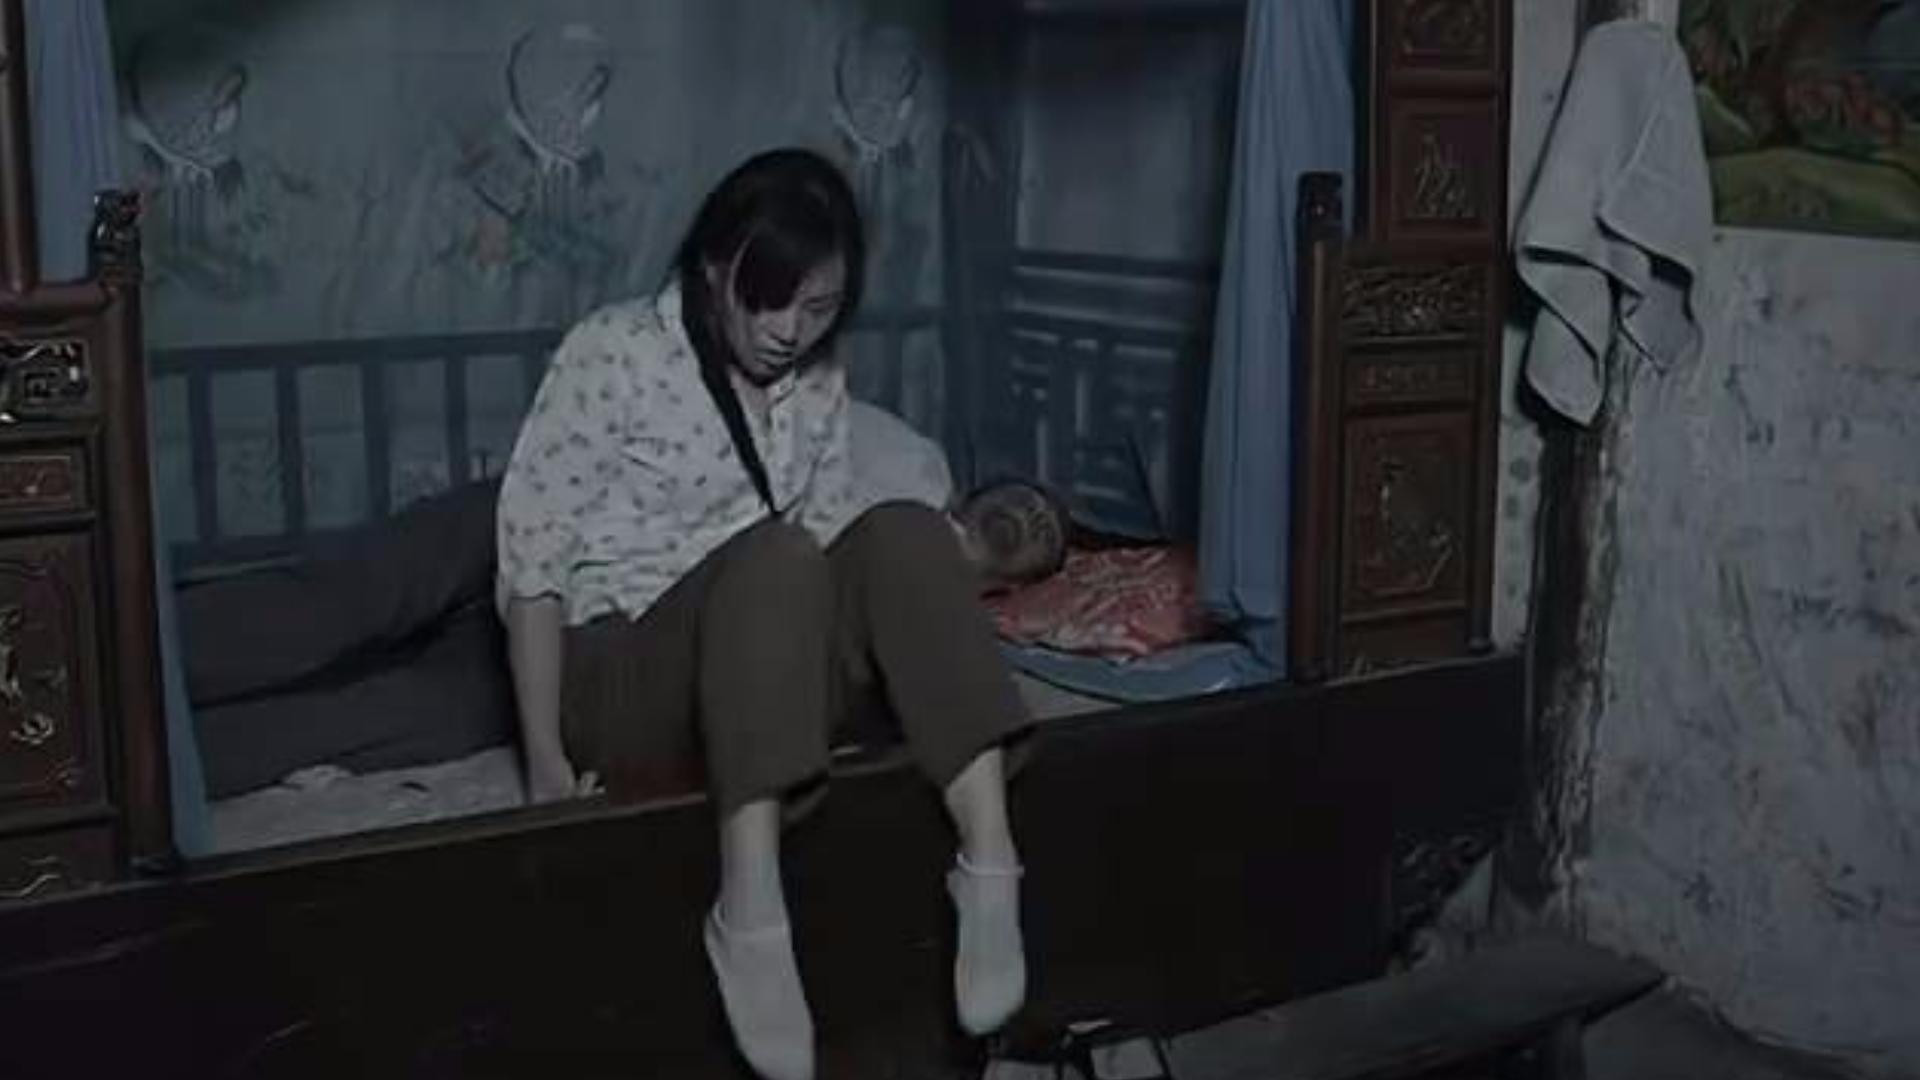 国产催泪电影,女孩被人贩子拐卖,嫁给了山村的傻子,结局太悲惨